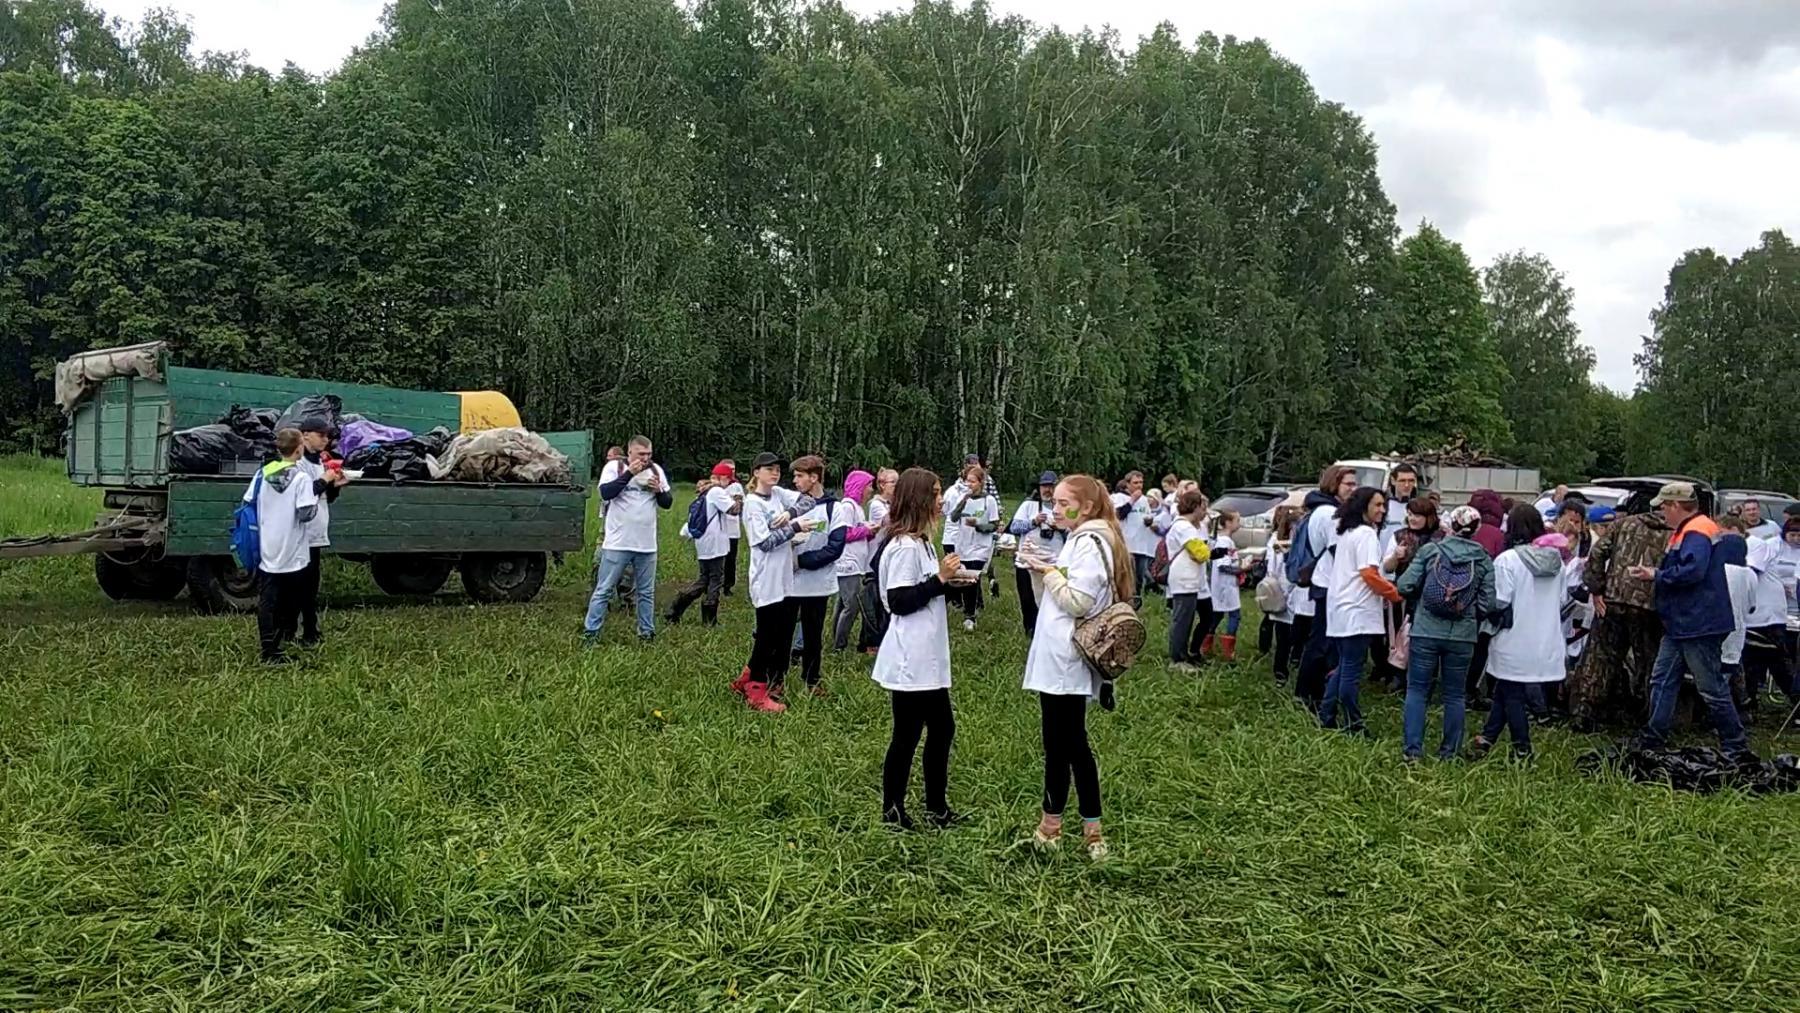 Фото Защитники памятника ВАСХНИЛу вывезли тонны мусора из парка под Новосибирском 2